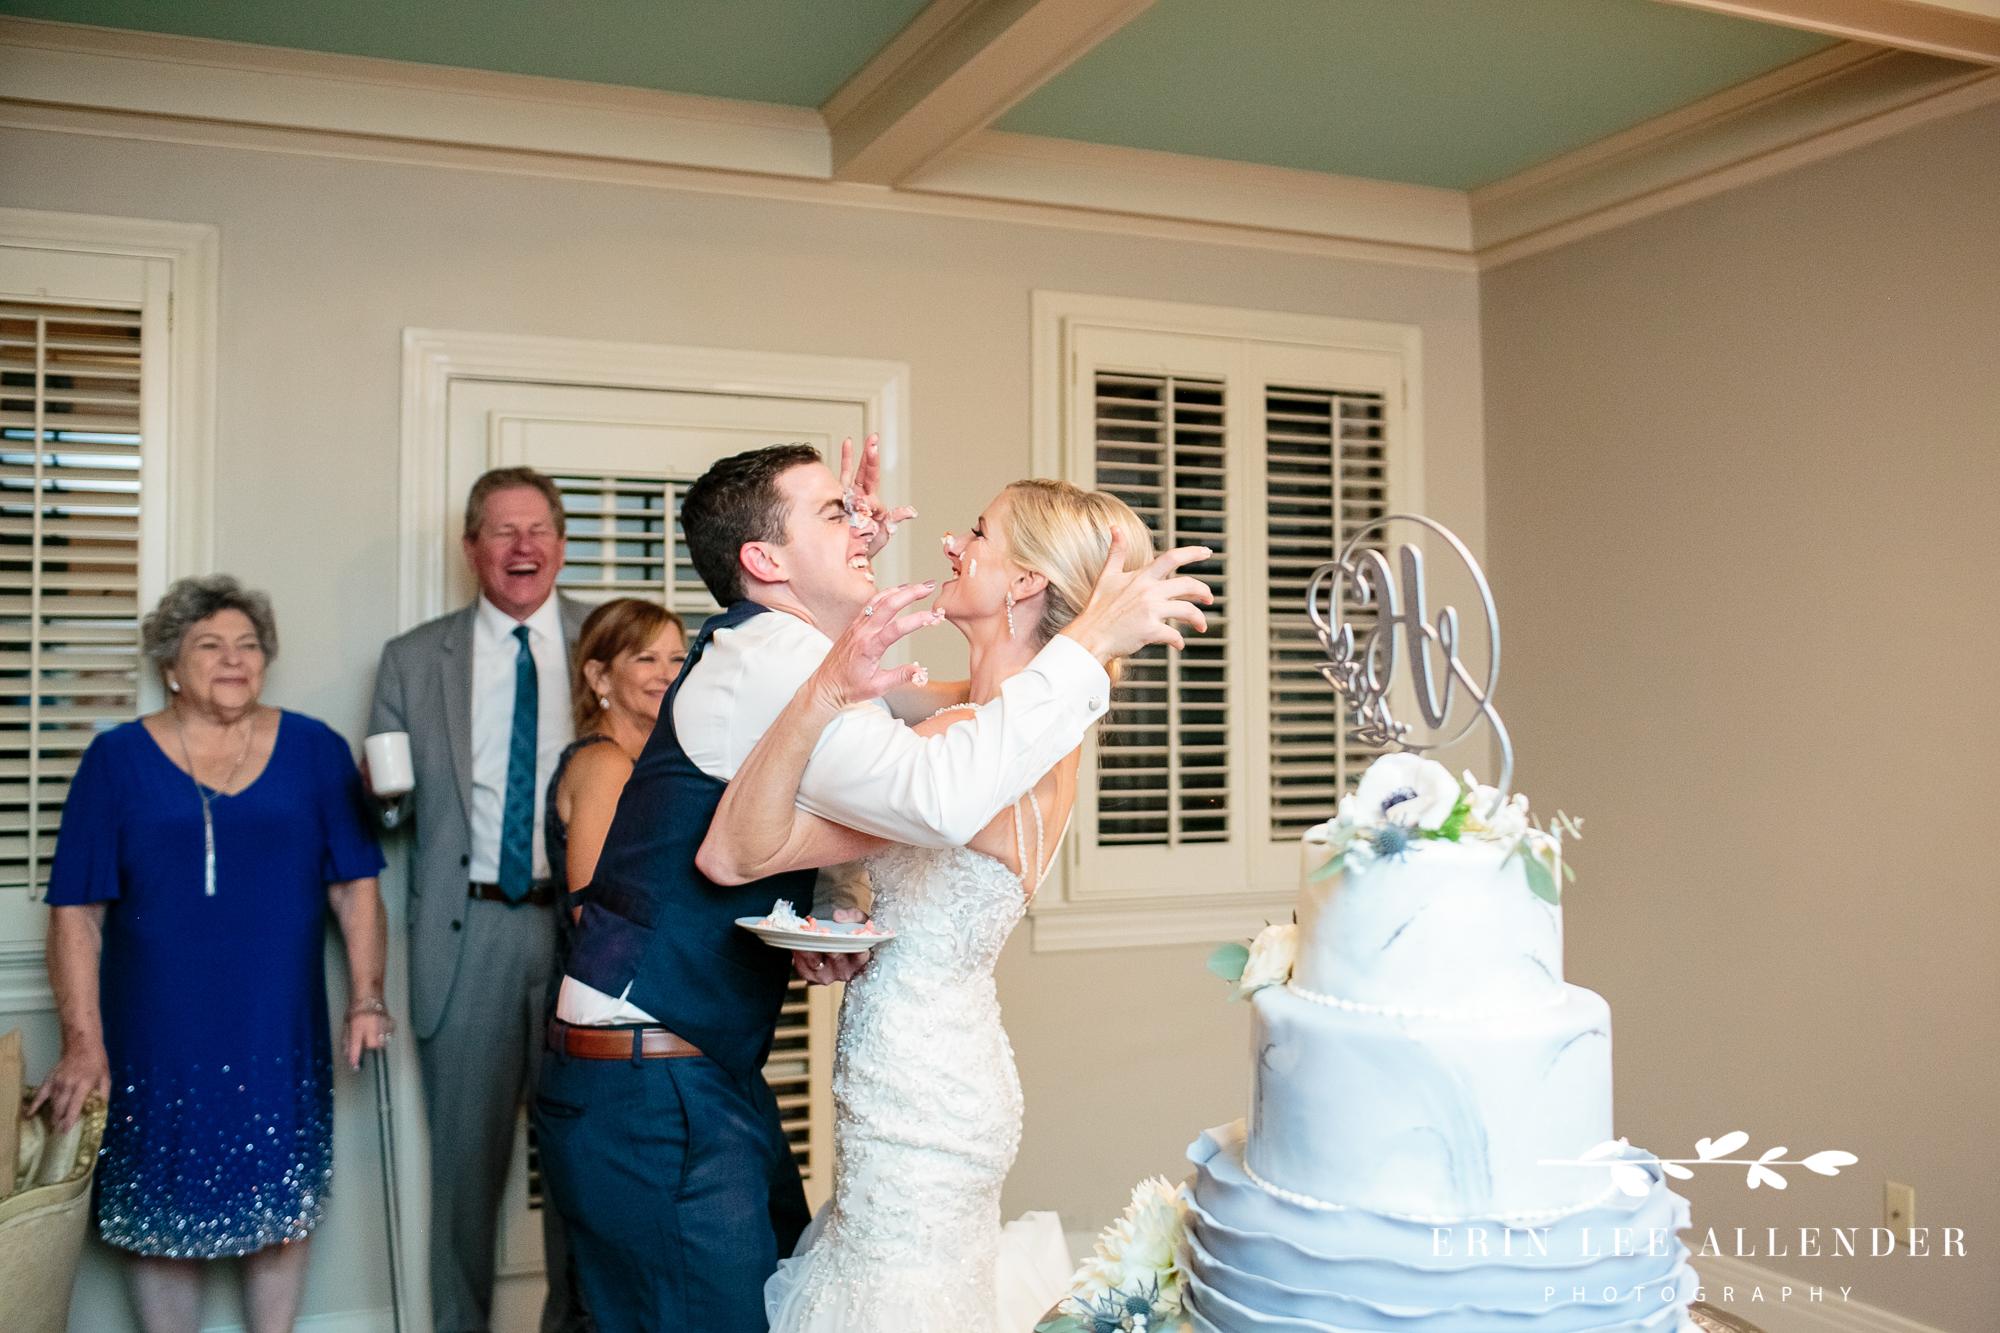 wedding-cake-smash